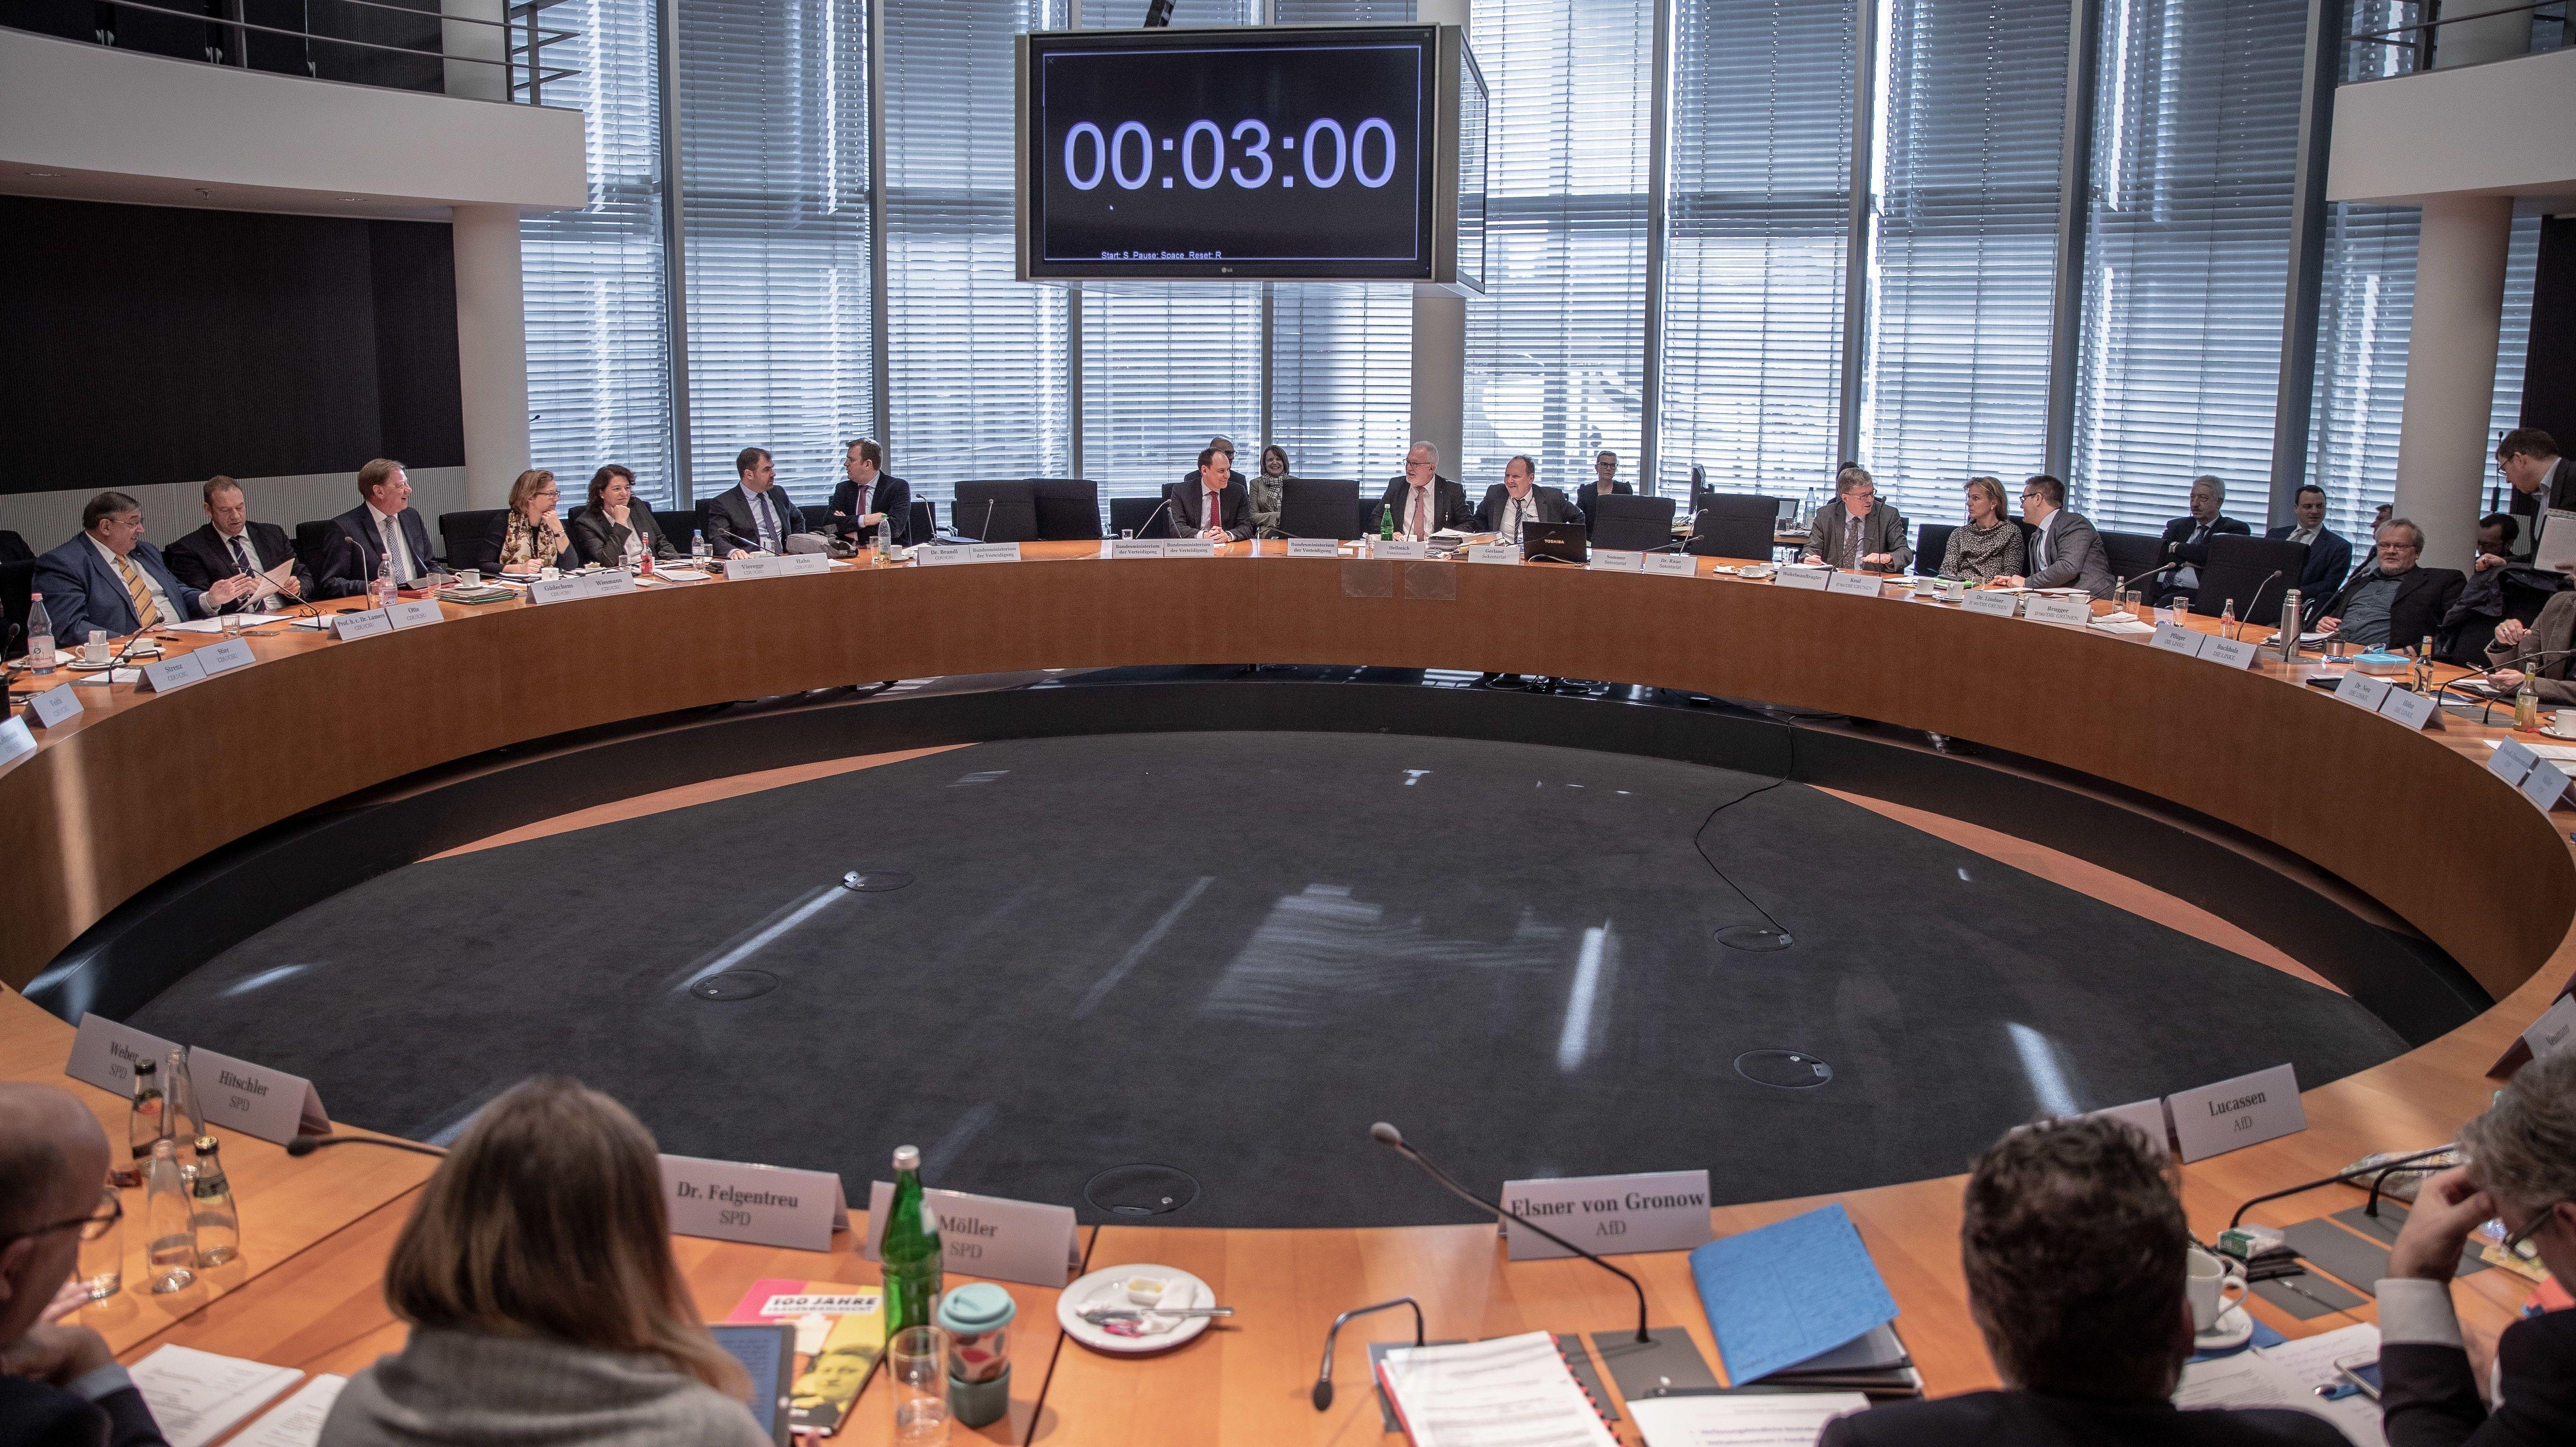 Sitzung des Verteidigungsausschusses